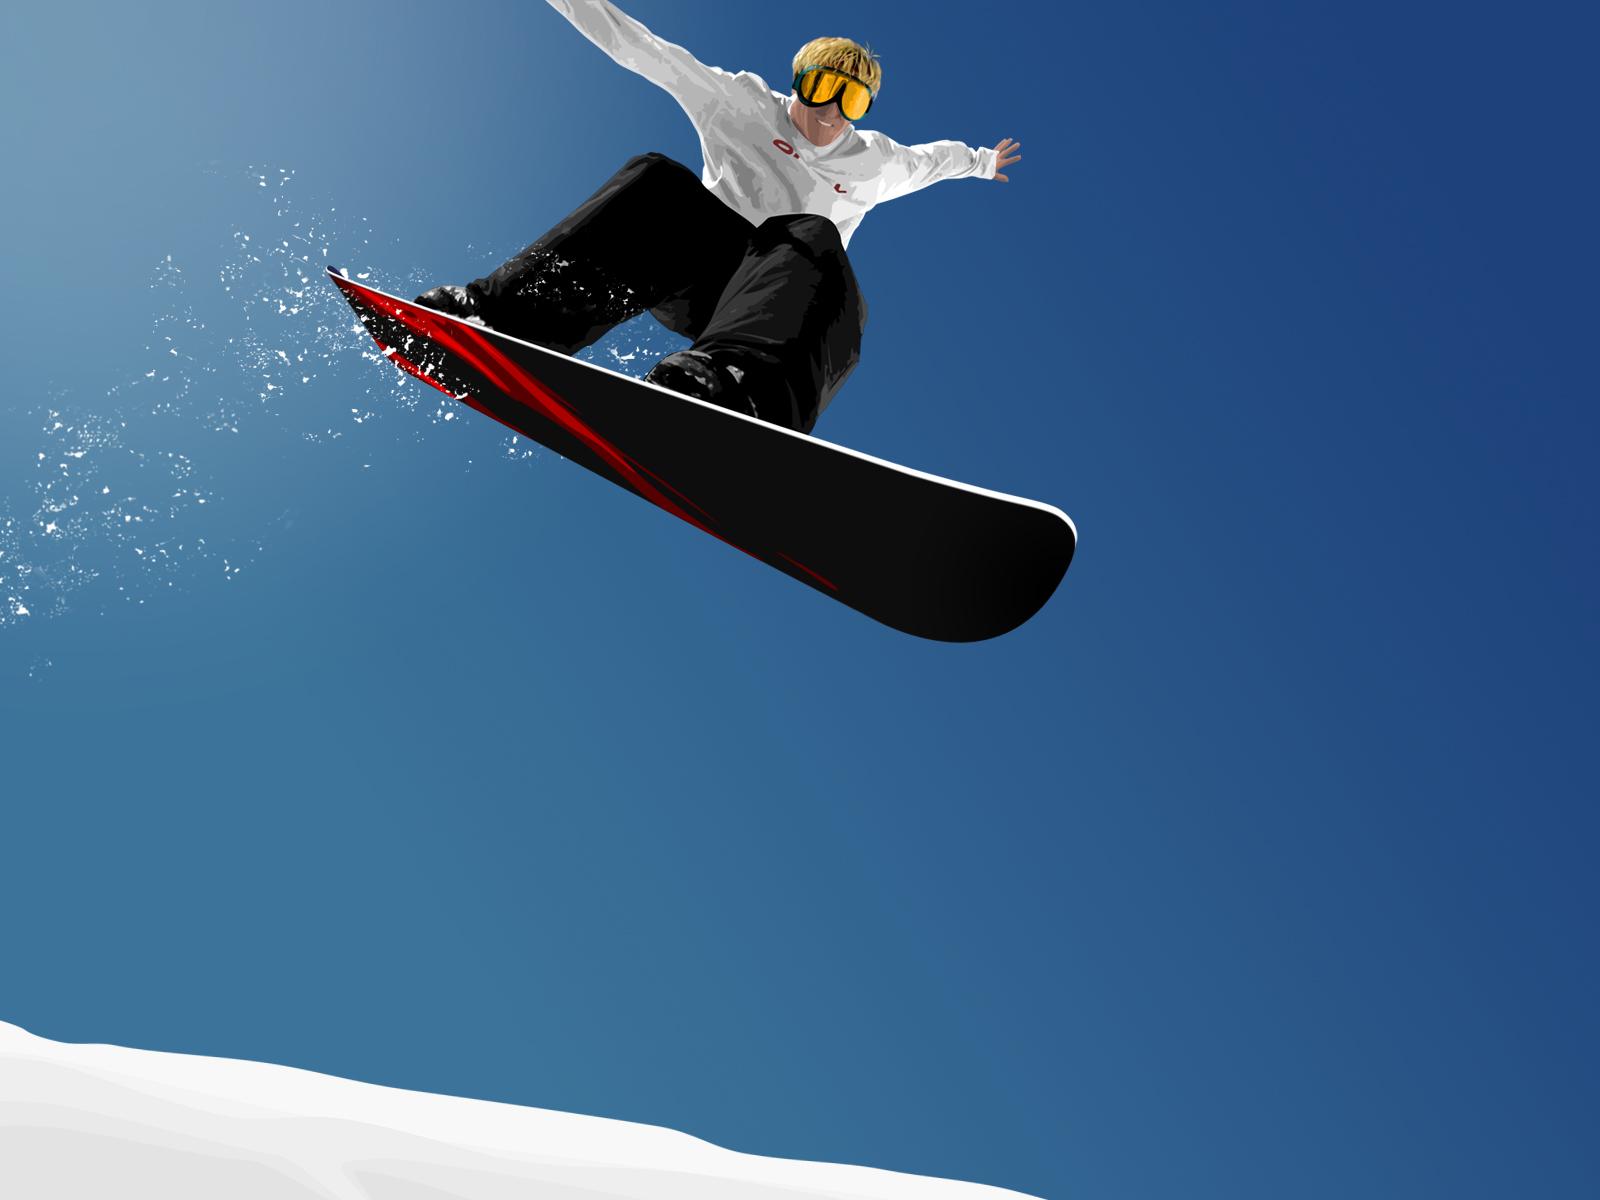 сноубордист, рисунок, фото, обои для рабочего стола, скачать бесплатно